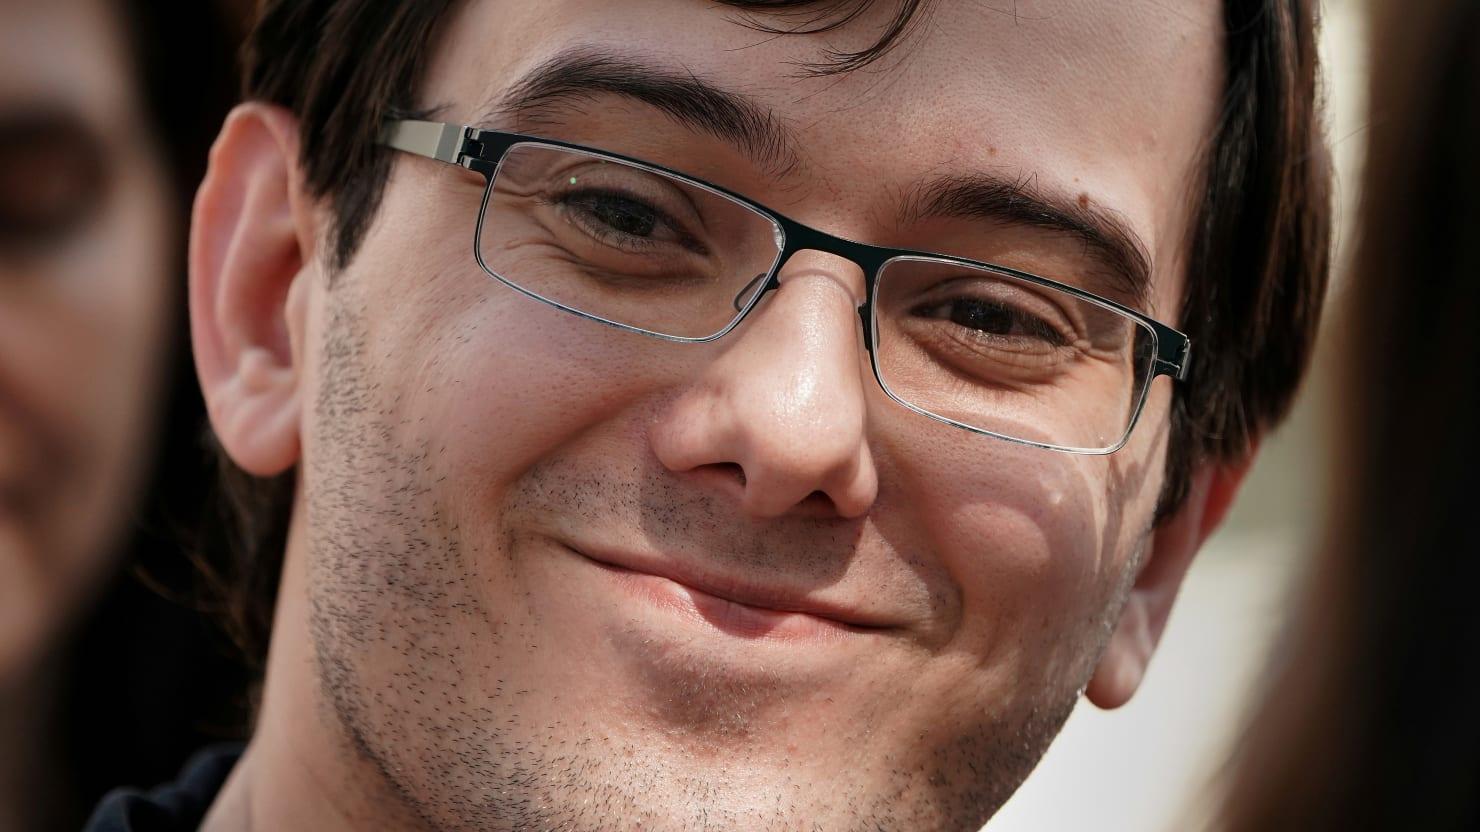 Martin Shkreli Denied 'Compassionate' Release From Prison